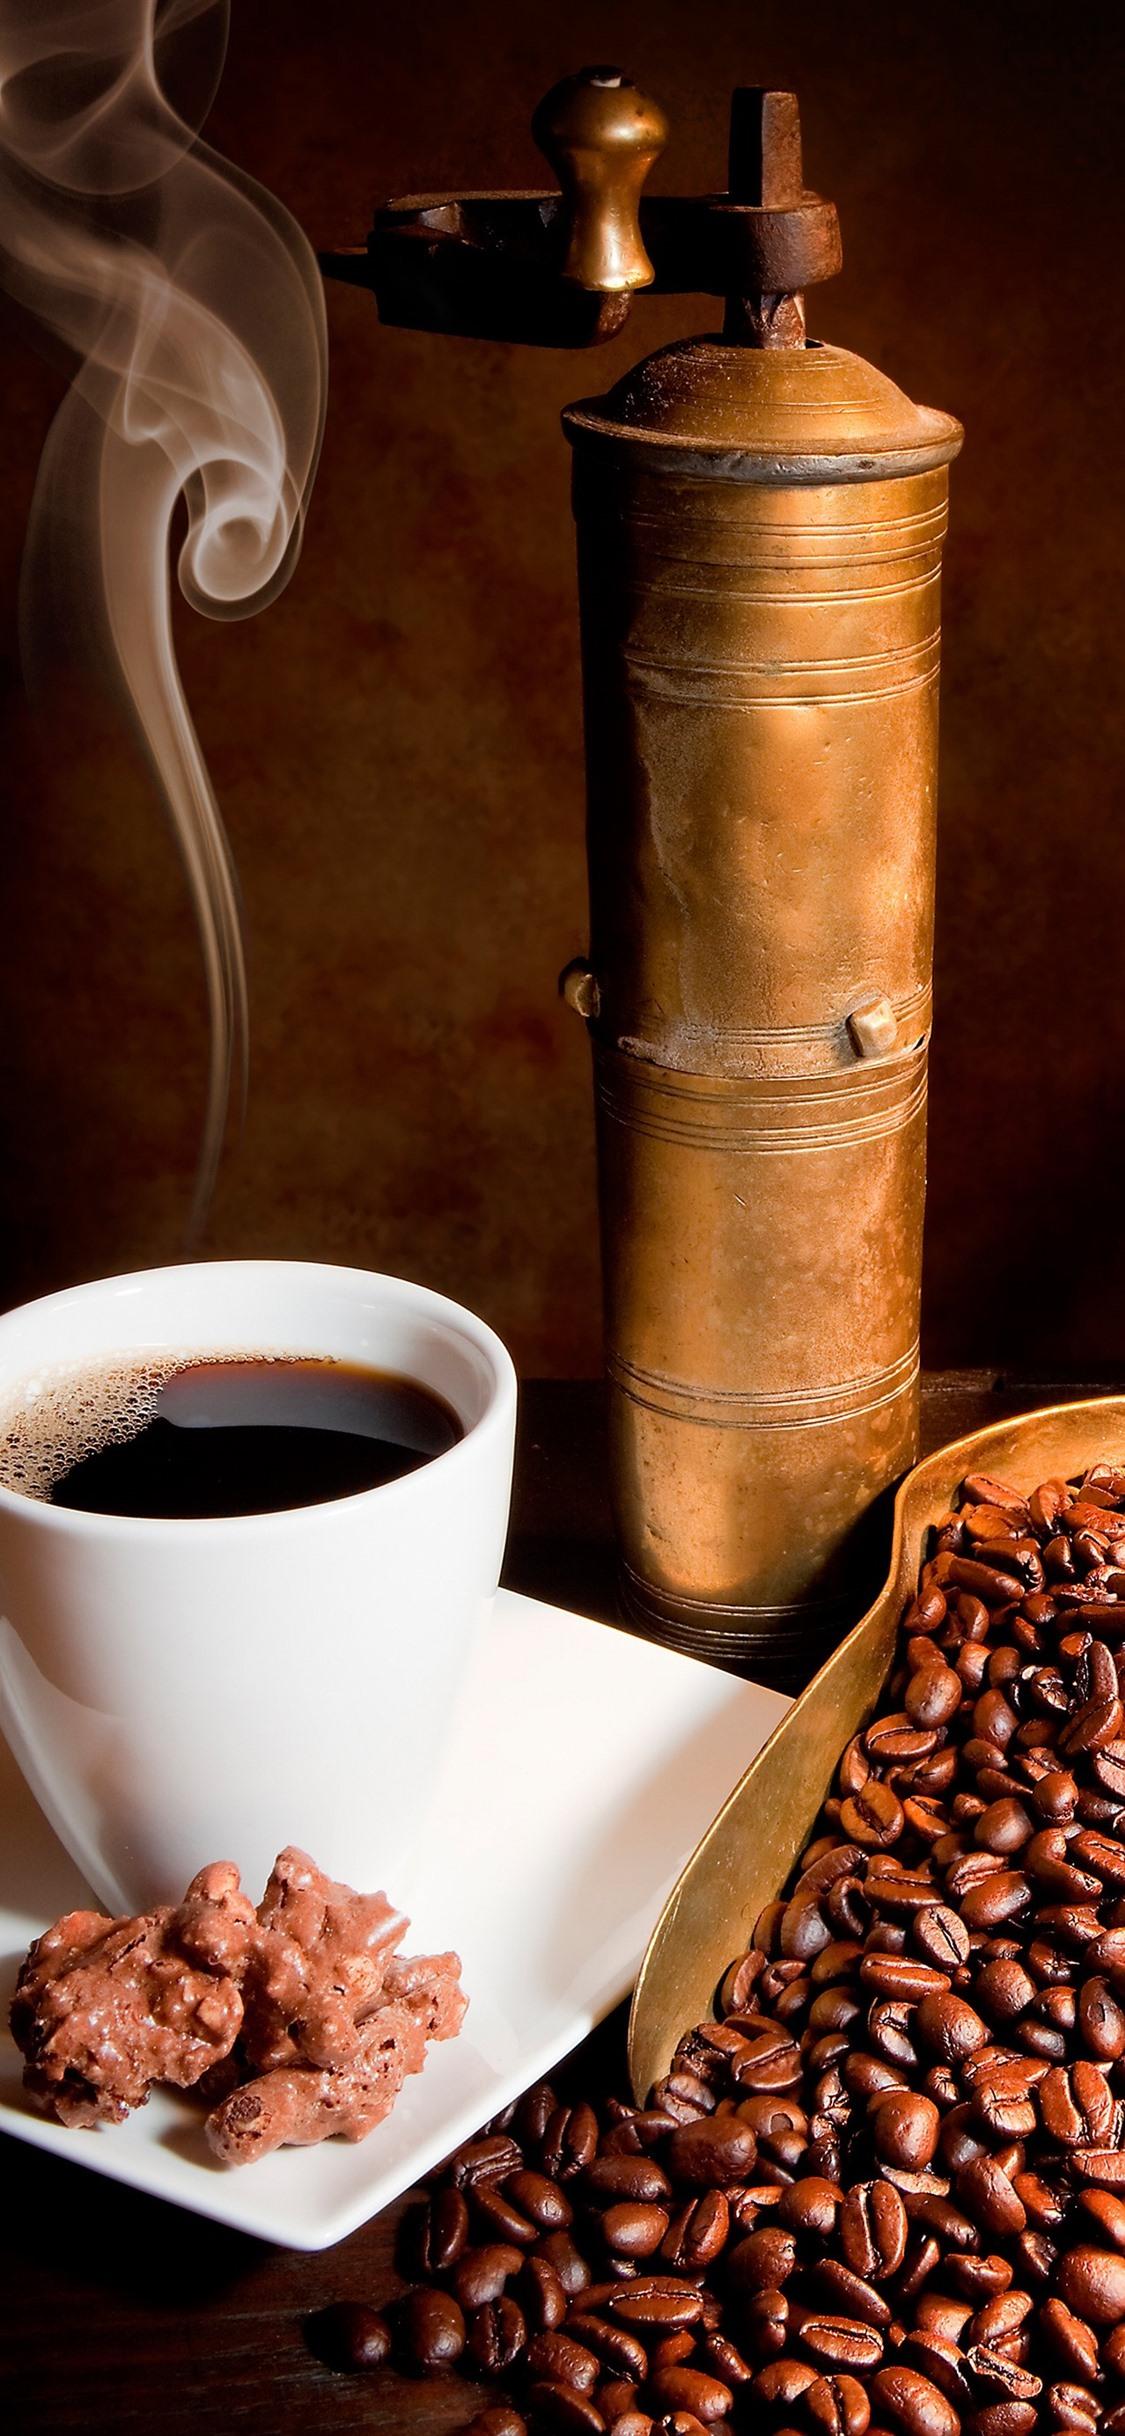 コーヒー豆 カップ コーヒー 本 1125x2436 Iphone 11 Pro Xs X 壁紙 背景 画像